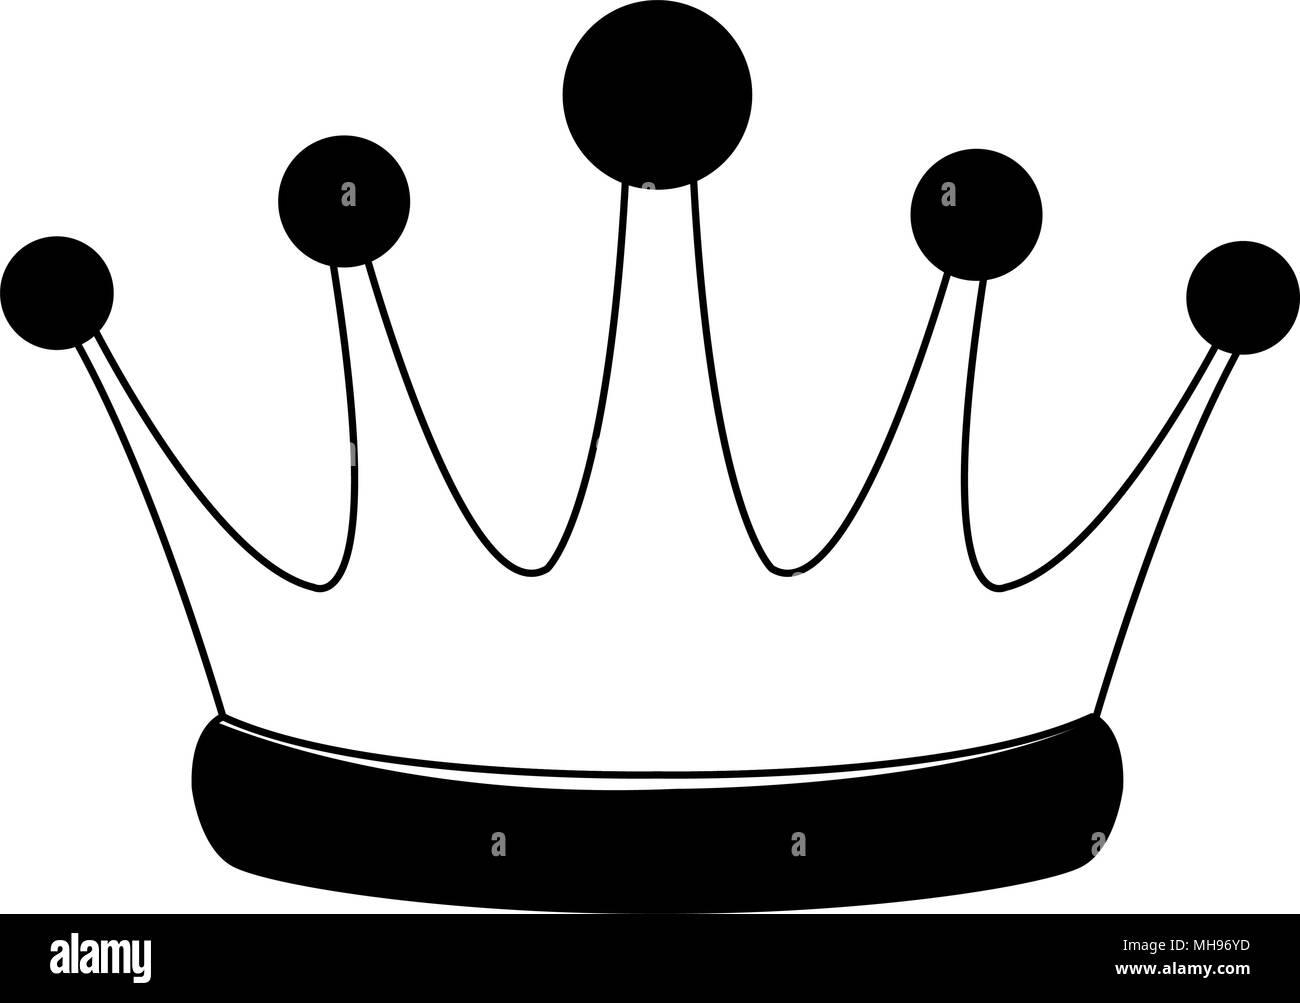 Símbolo De La Corona De Rey En Los Colores Blanco Y Negro